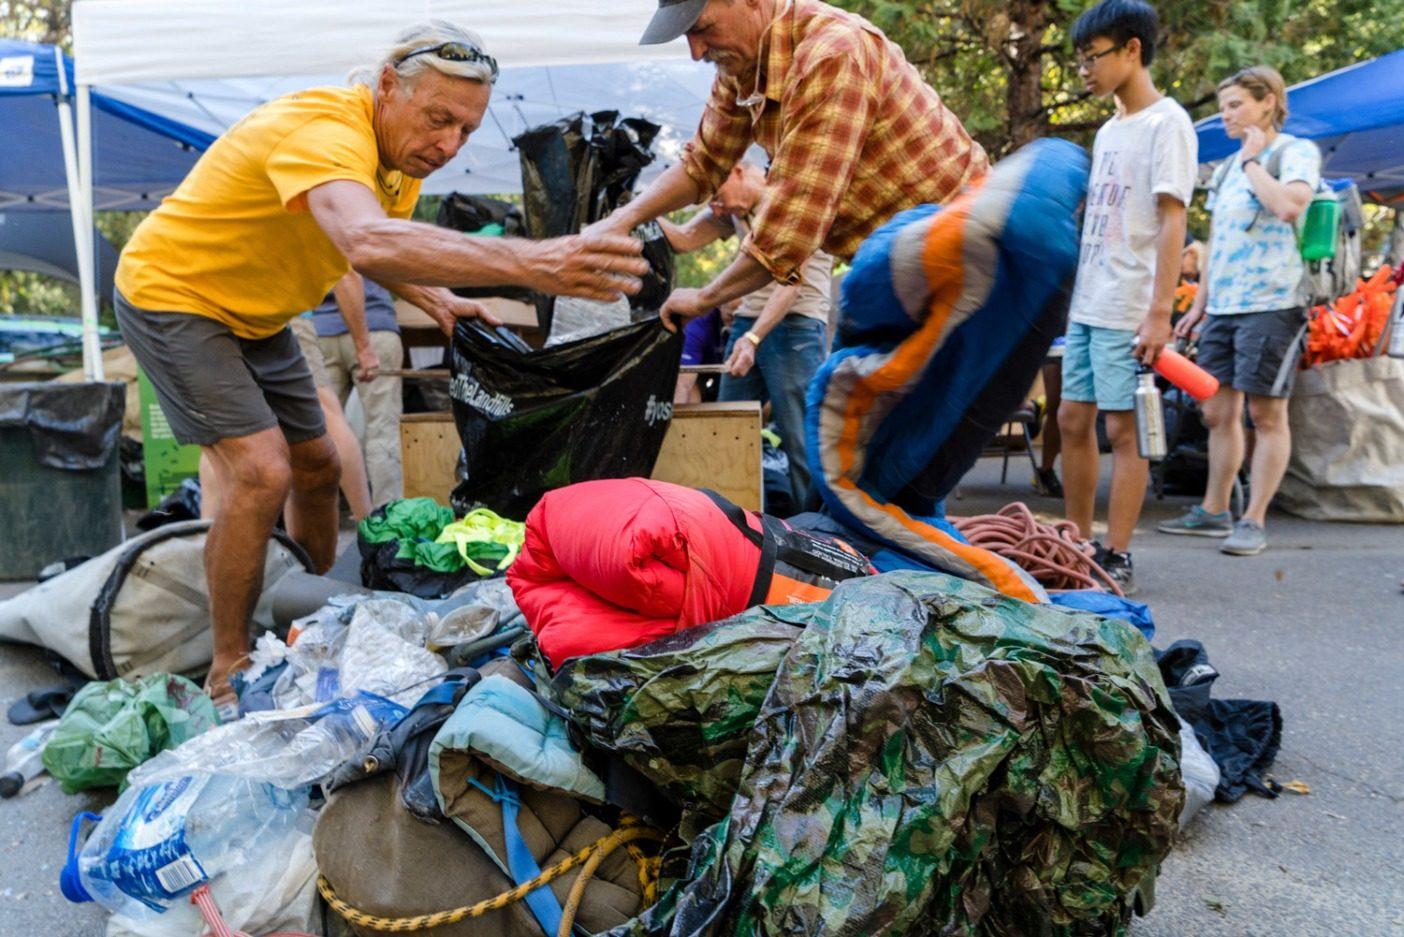 一日の終わりの計量。昨年ボランティアは、220kgを超えるゴミ(そのほとんどがぼろぼろになったロープ)をサラテ・ウォールの頂上から取り除いた。Photo: Eric Bissell